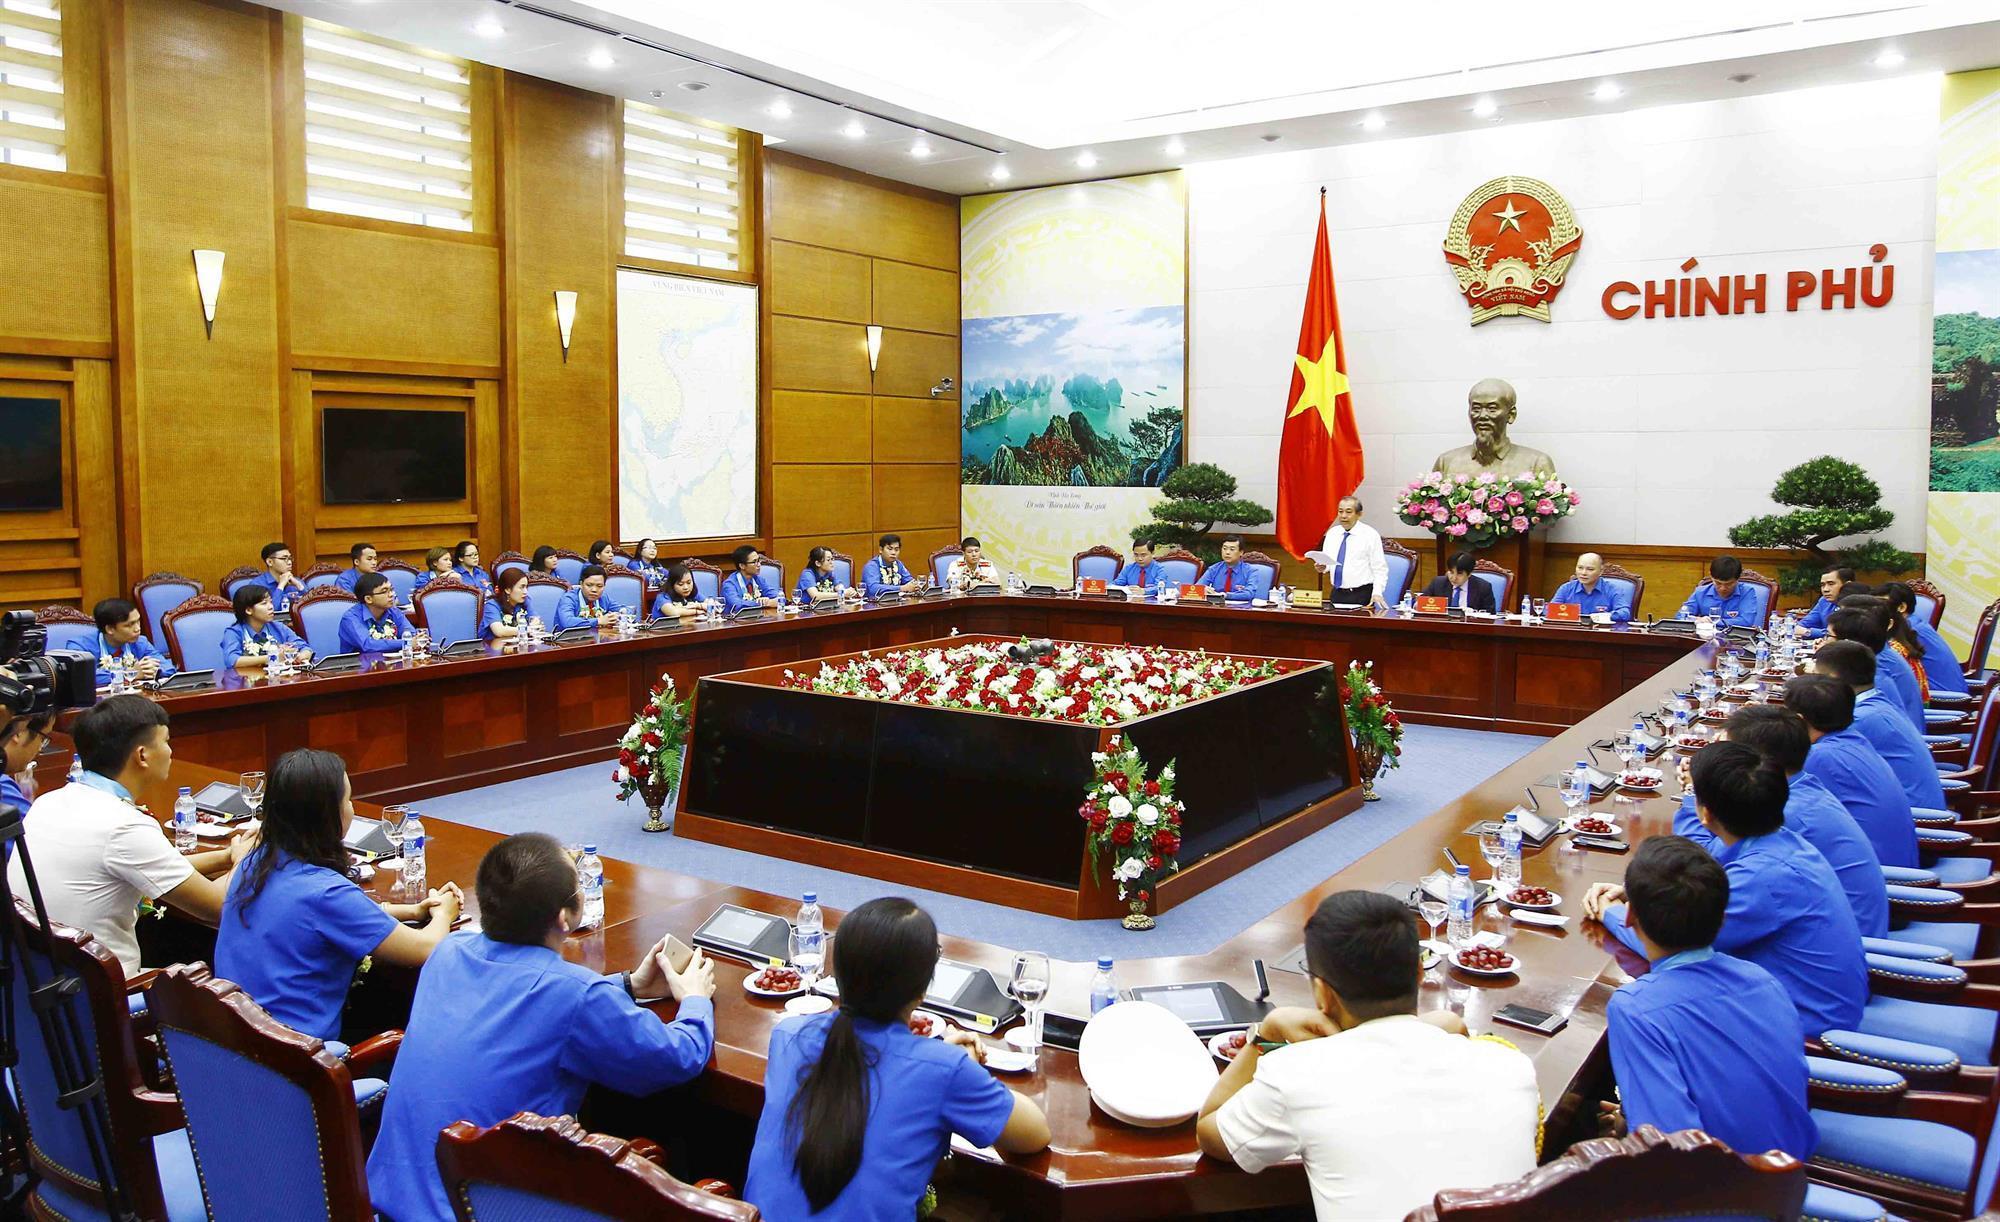 Phó Thủ tướng Thường trực gặp mặt cán bộ, công chức, viên chức trẻ giỏi